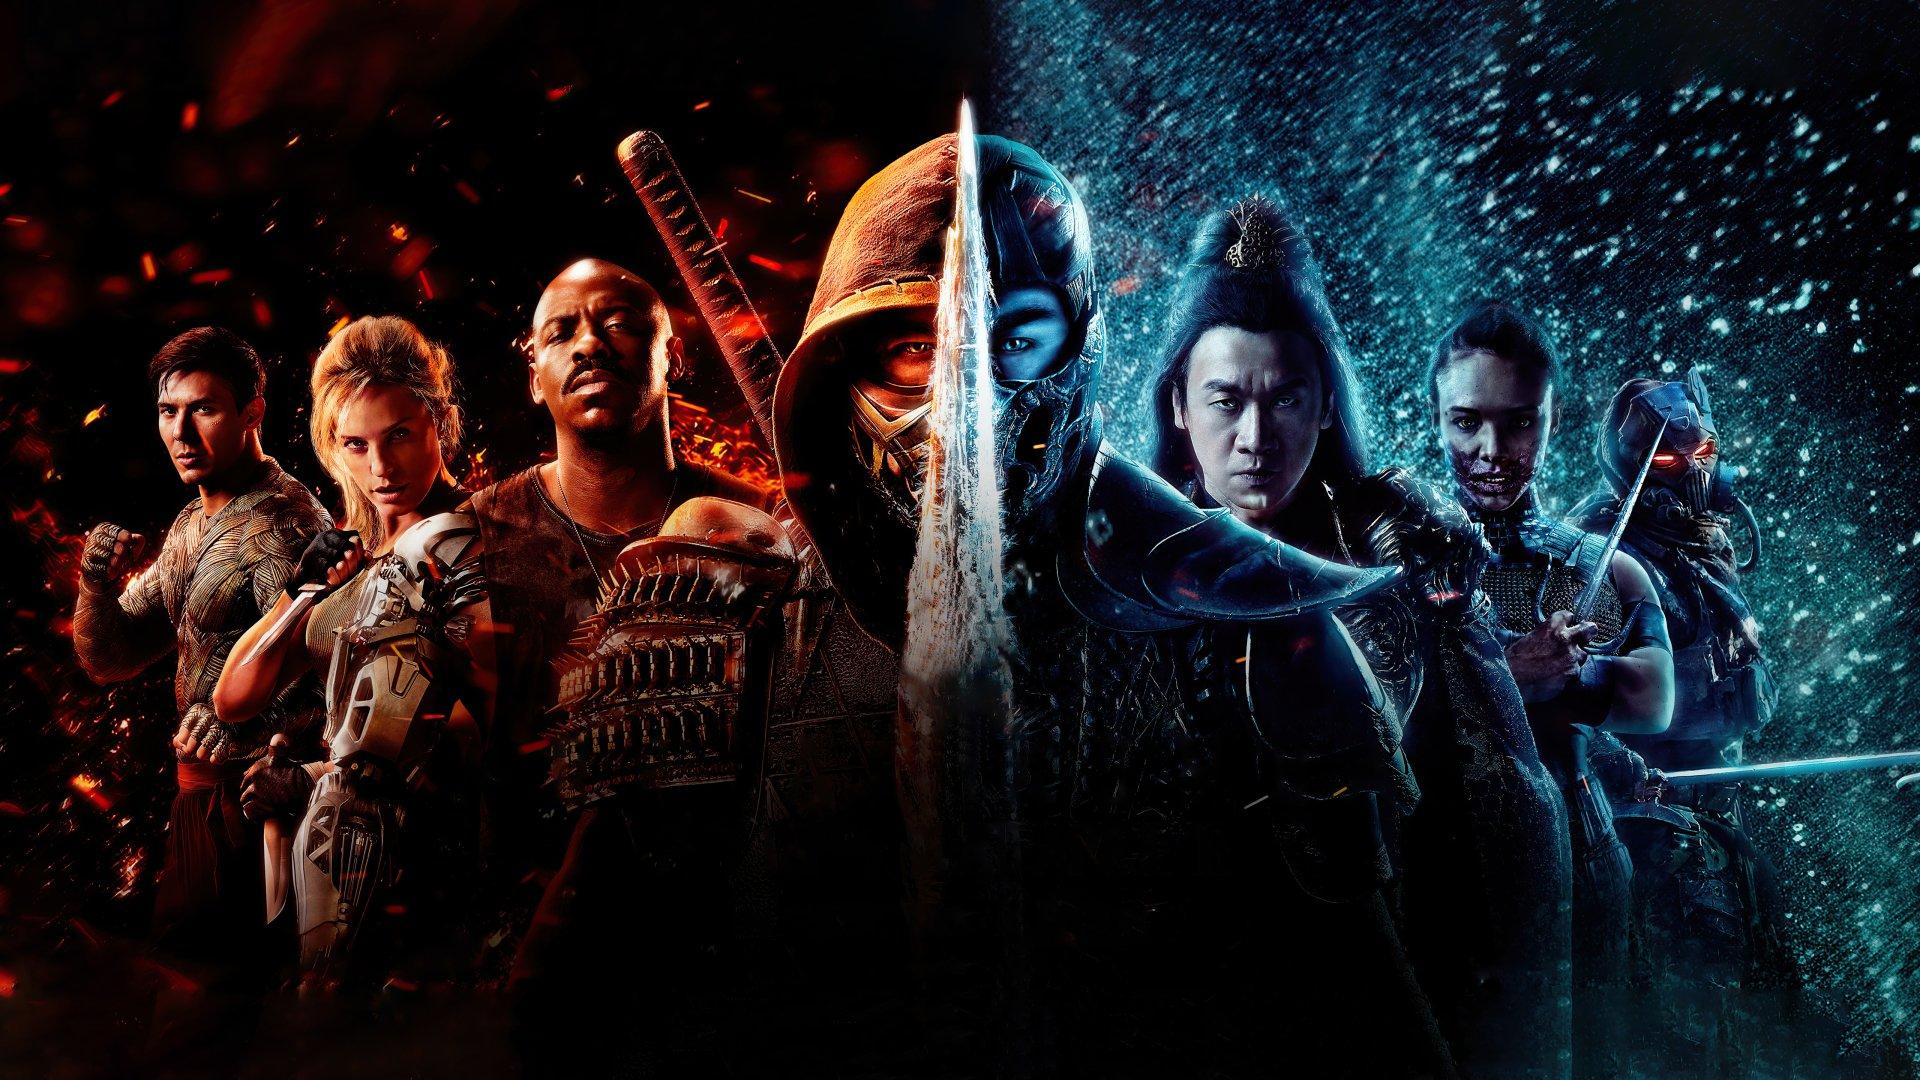 Mortal Kombat: Veja o que fãs estão achando do novo filme